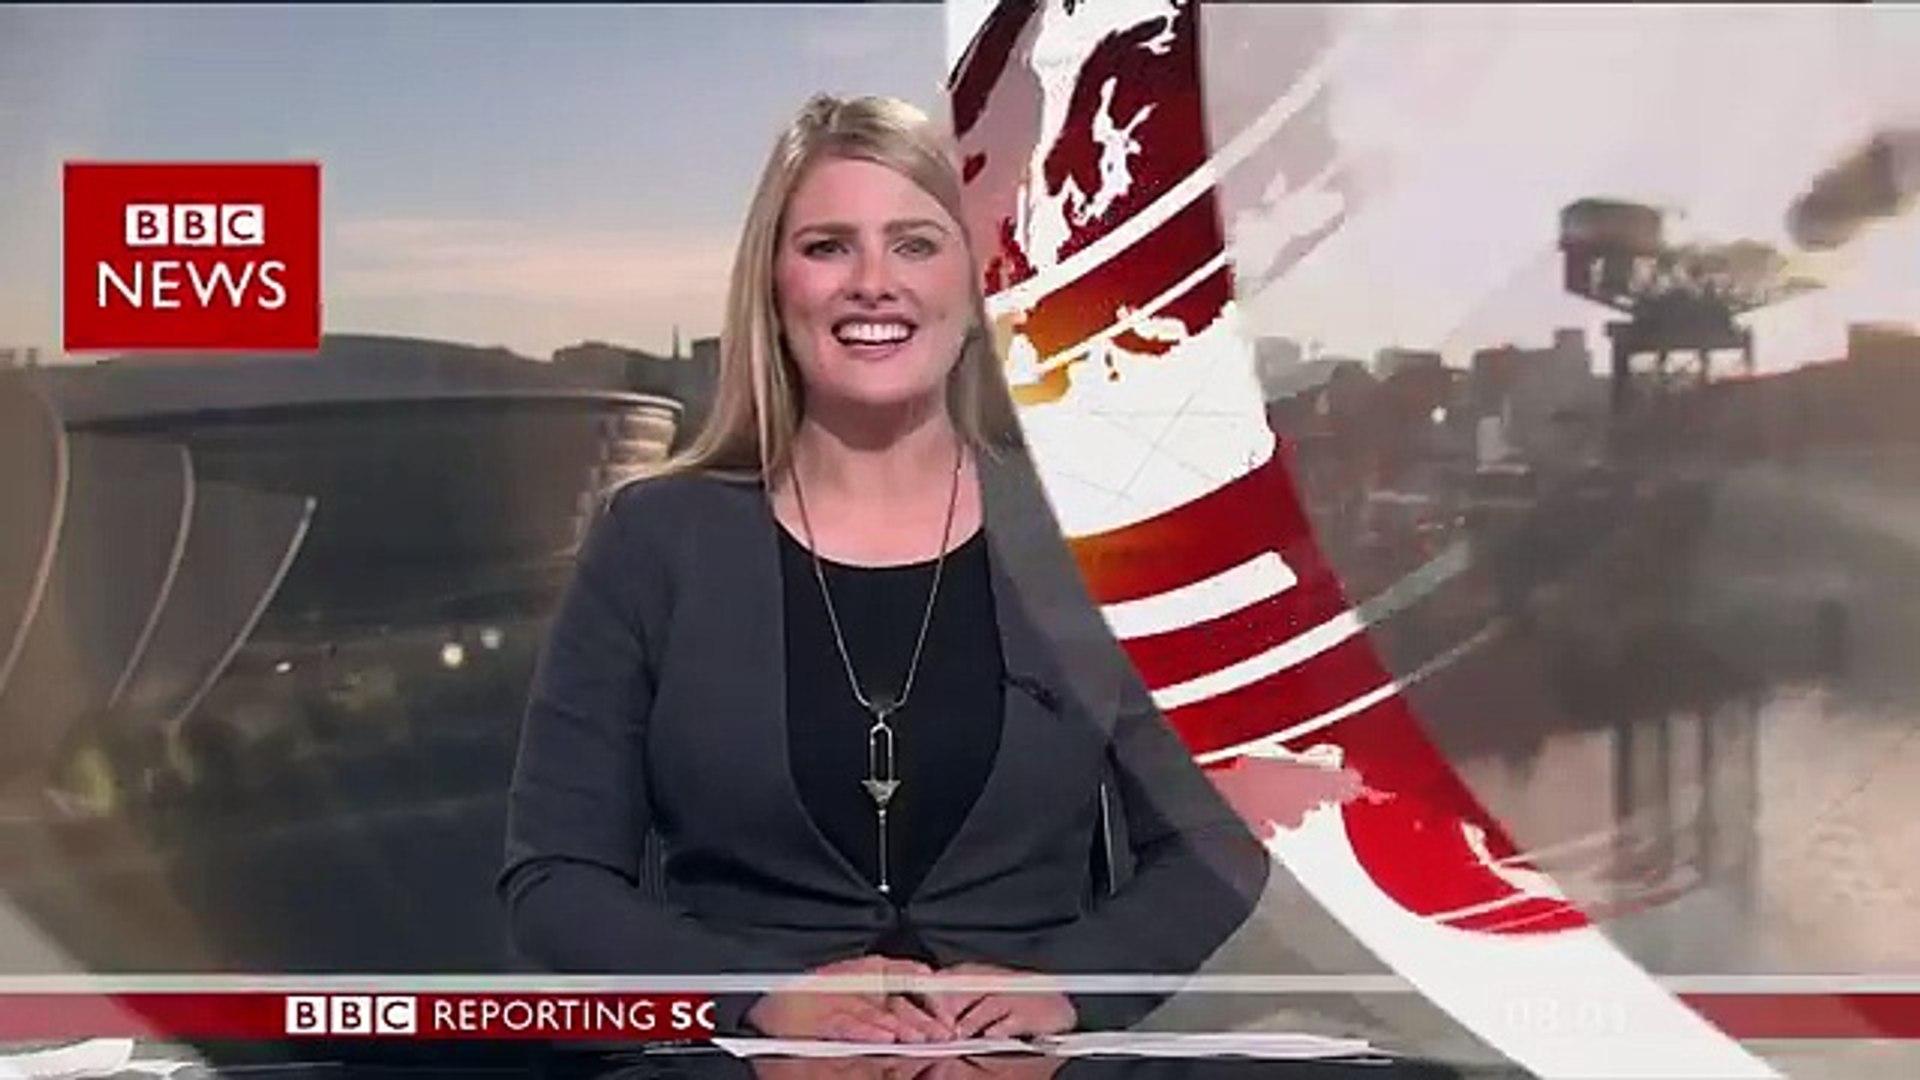 'Giant' wasp invades BBC Scotland news camera - BBC News